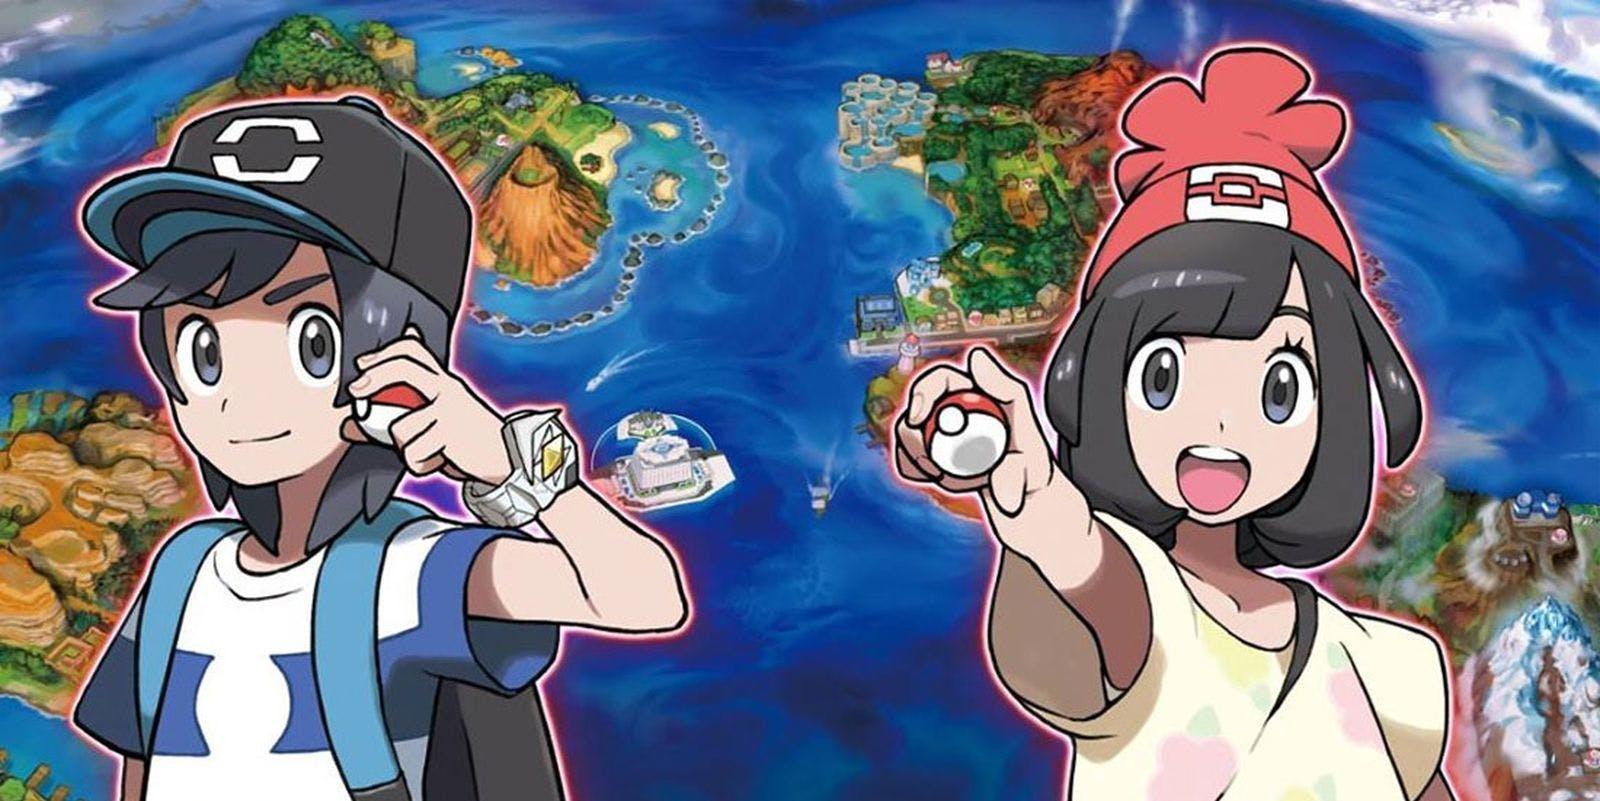 'Pokemon Sun' and 'Moon'